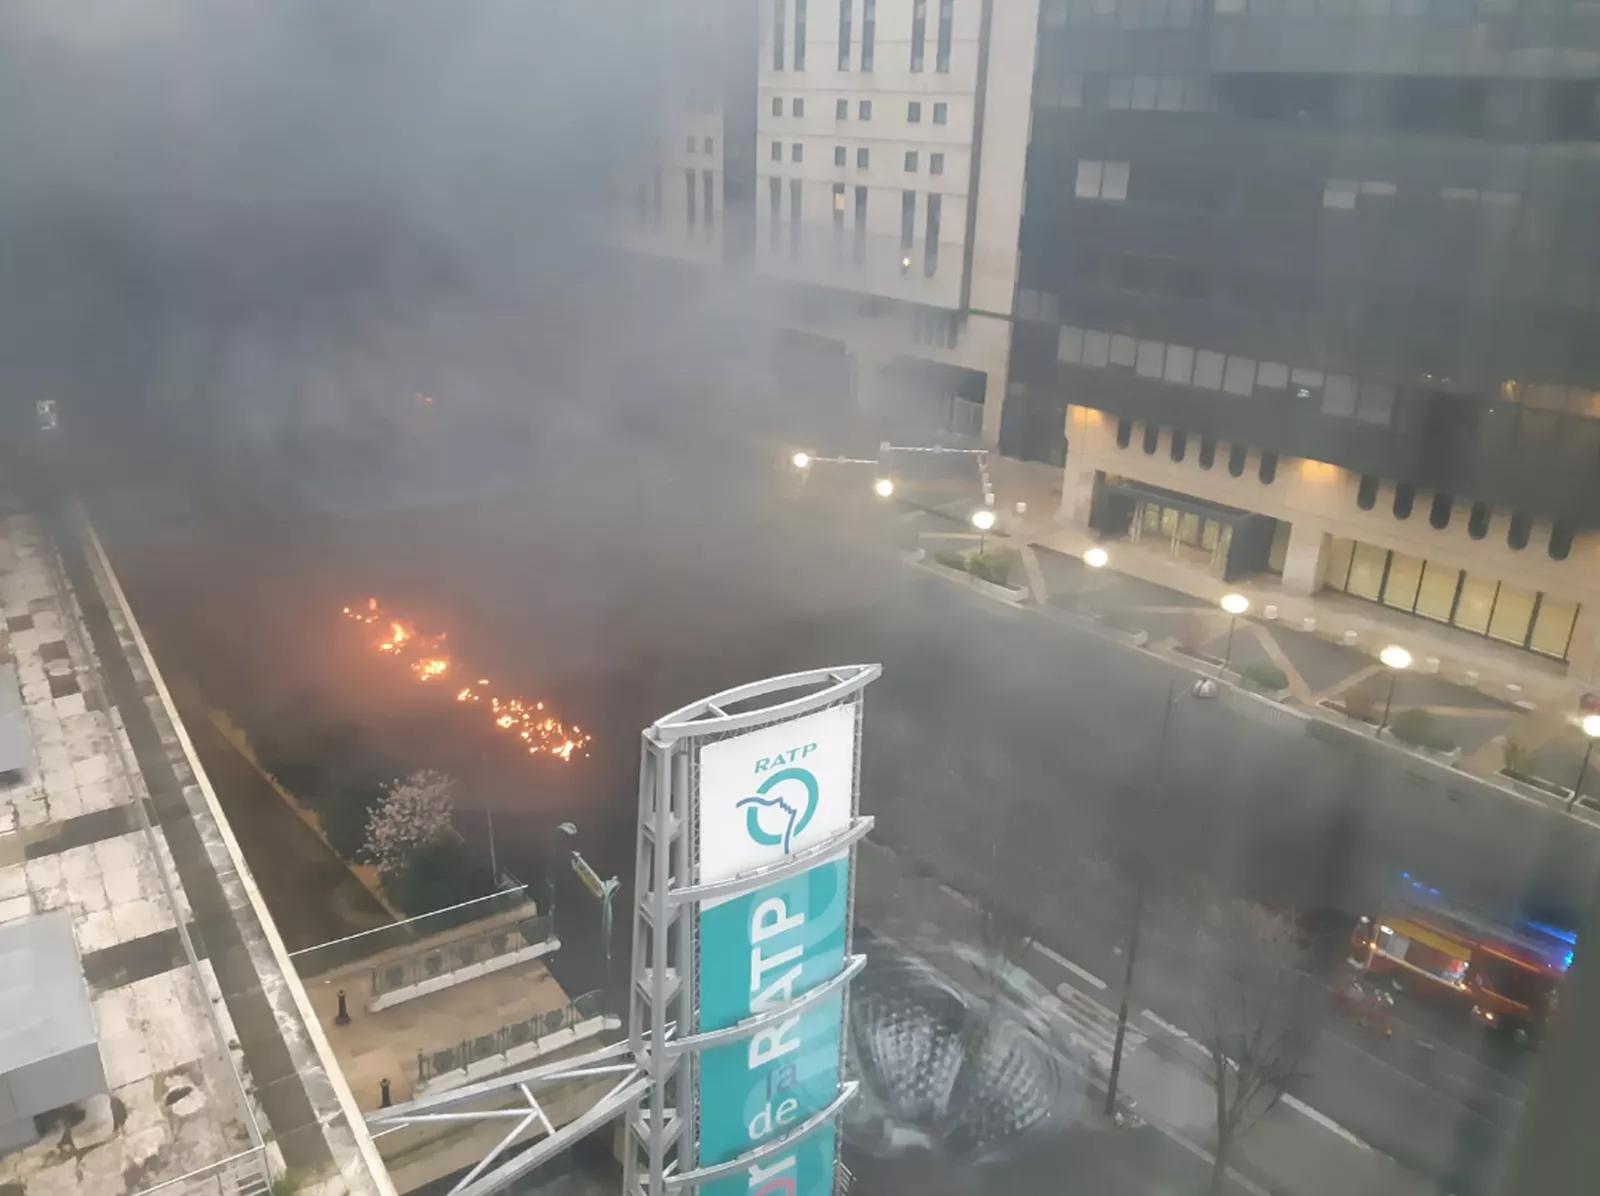 Incêndio causado por manifestantes atingiu a Gare de Lyon, uma das principais estações de trem de Paris.